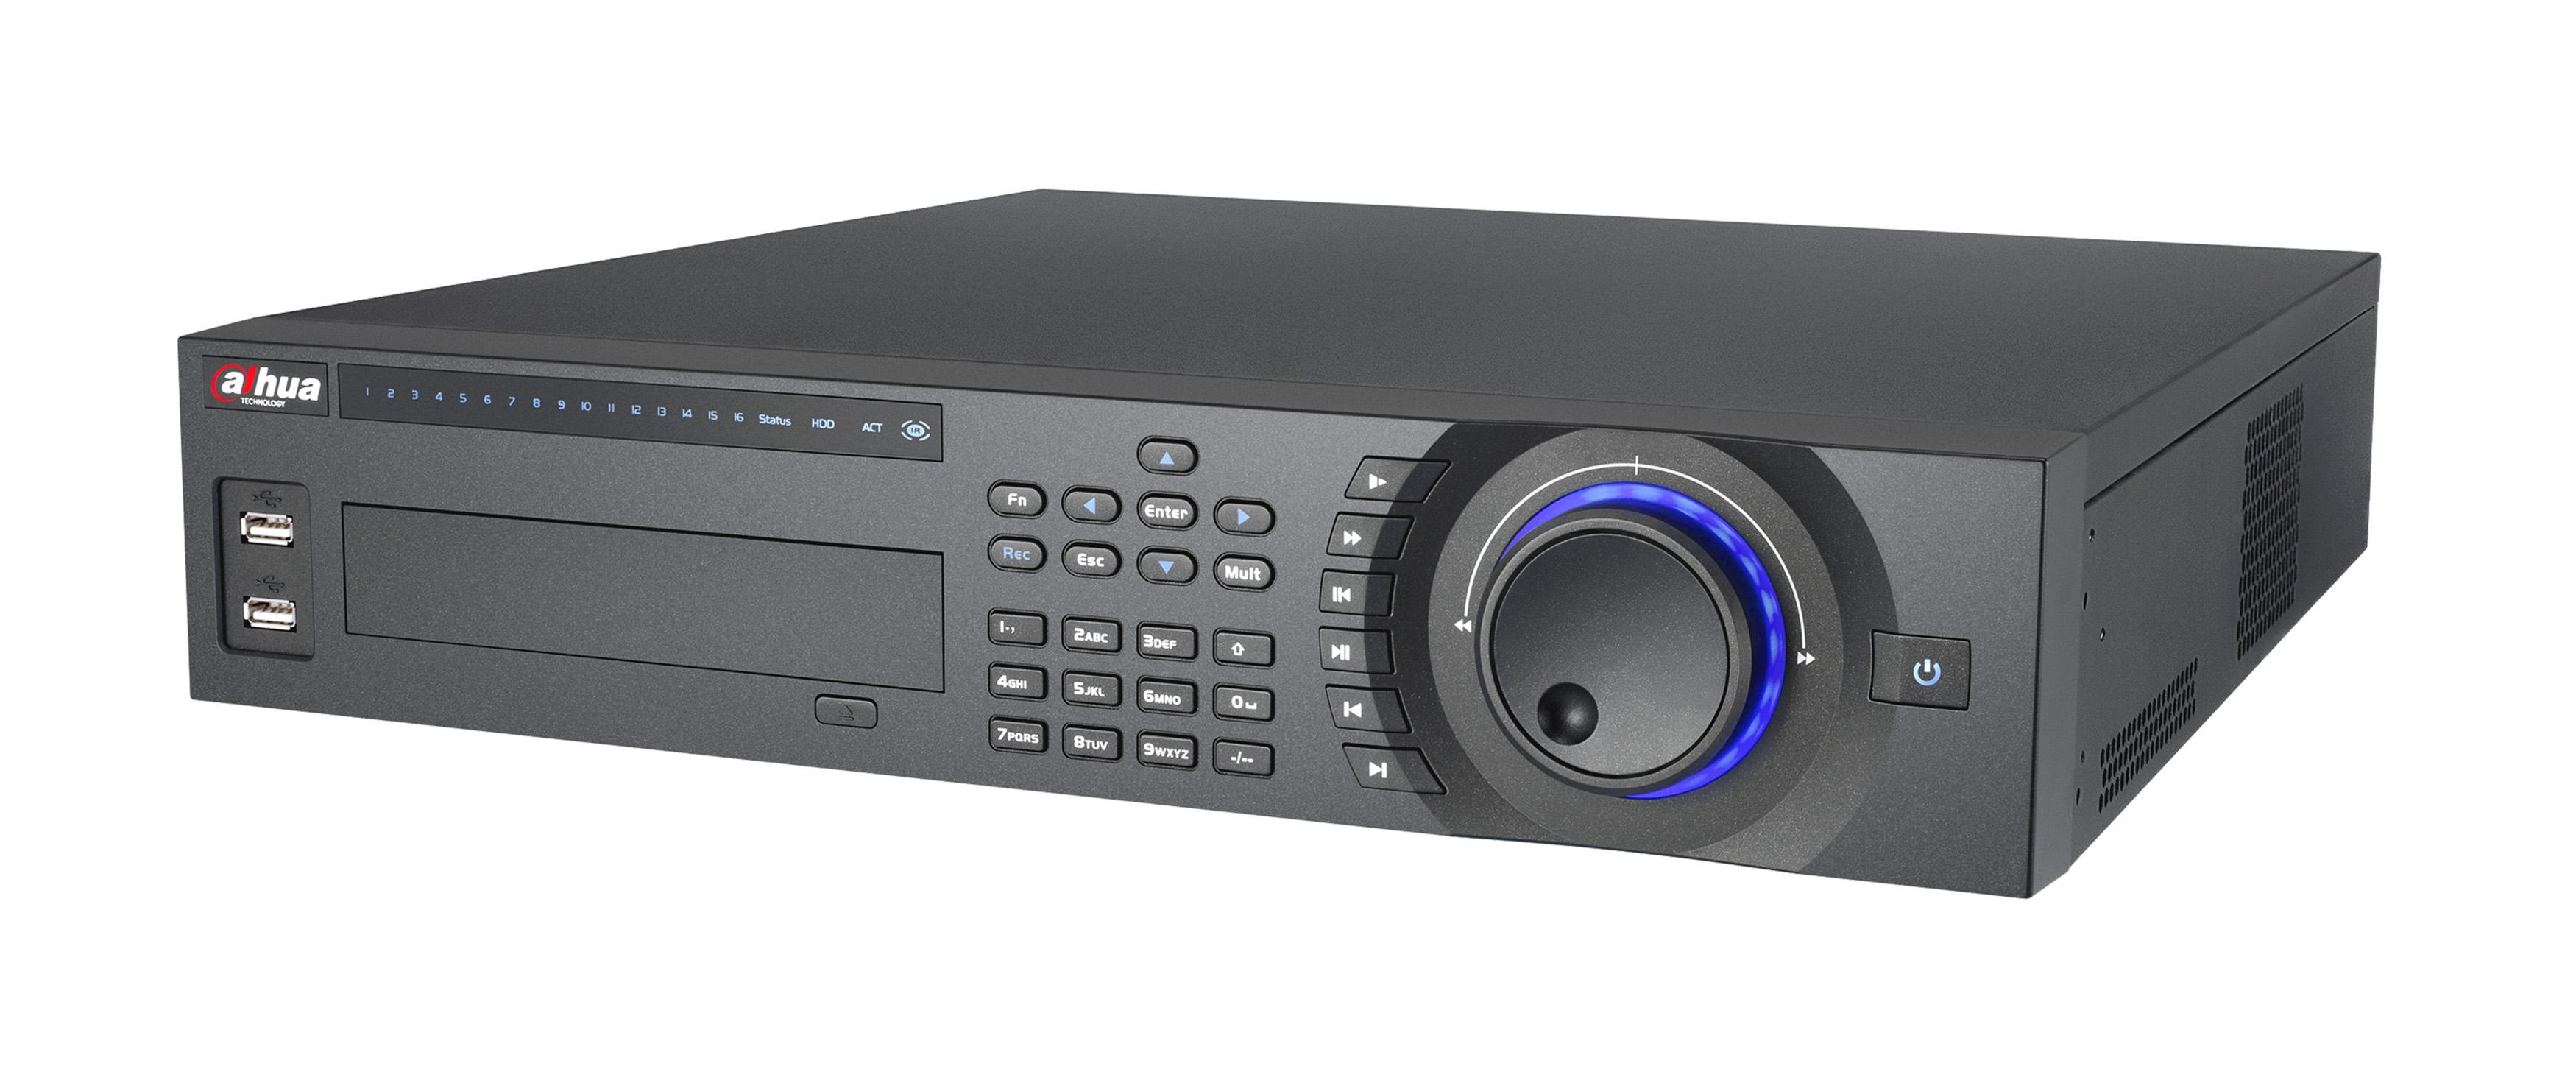 Dahua DVR7808S-U